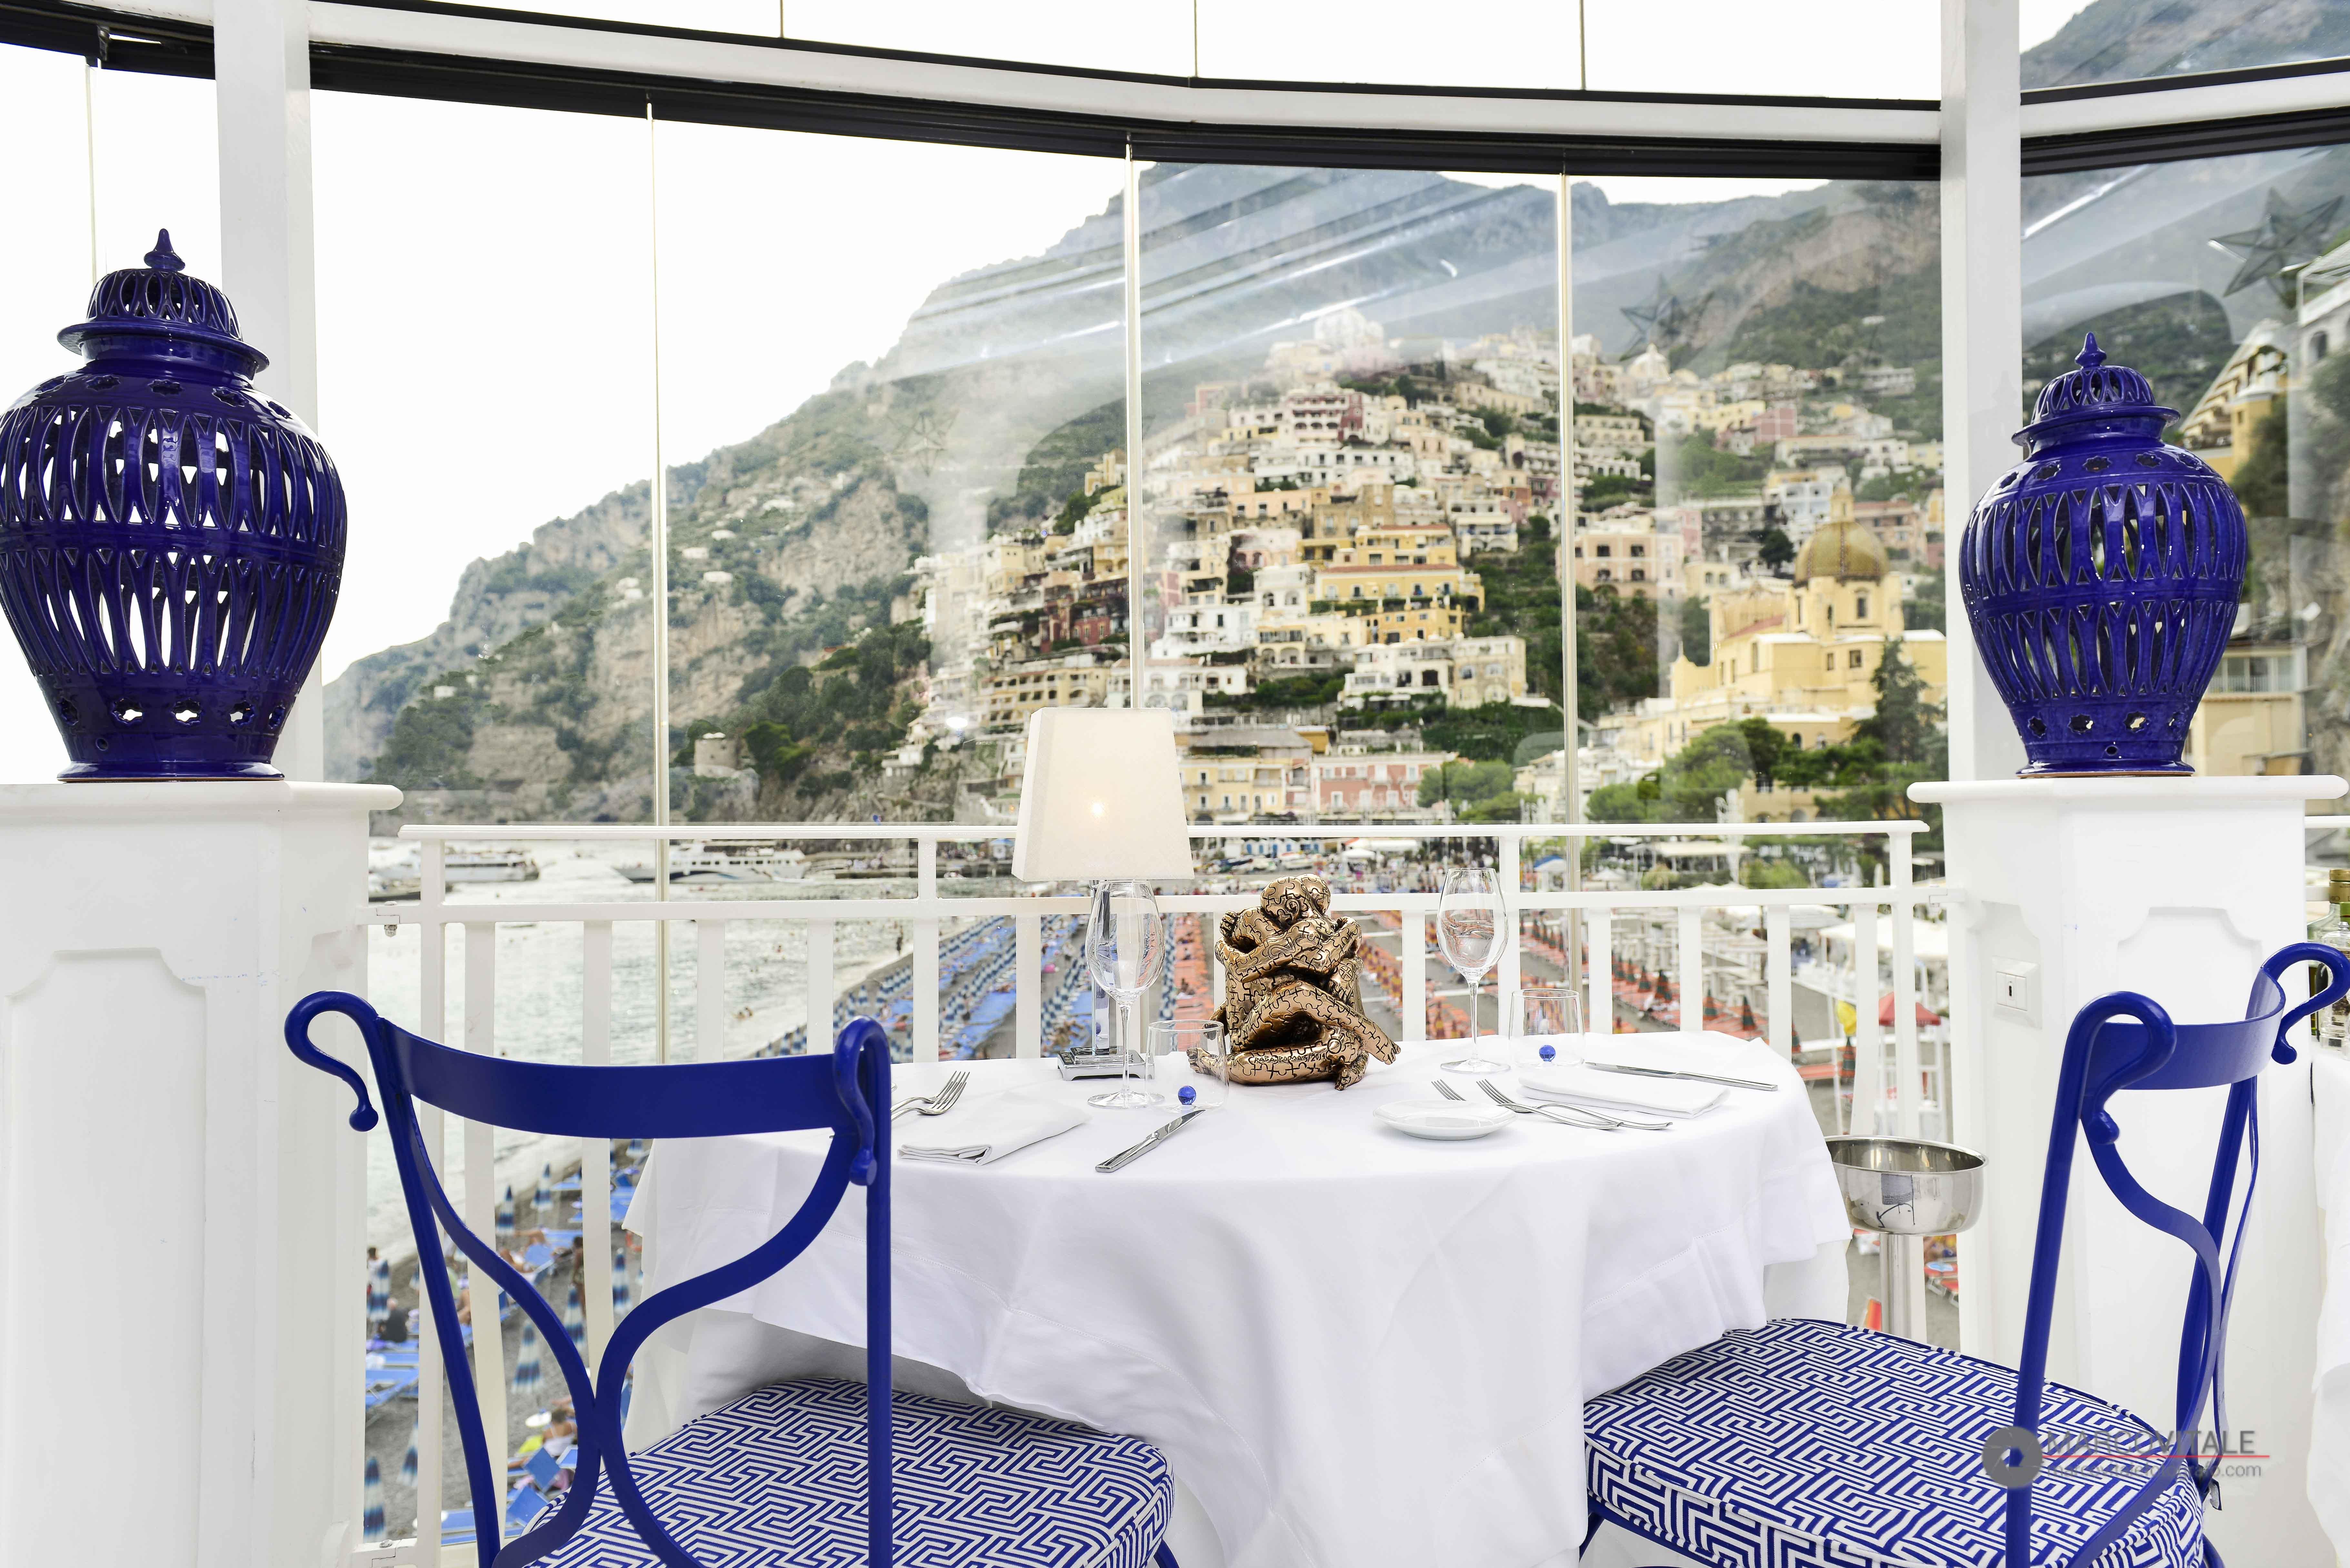 Ristorante La Rada - Positano - Marco Vitale - Fotografo per ristoranti in Costiera Amalfitana